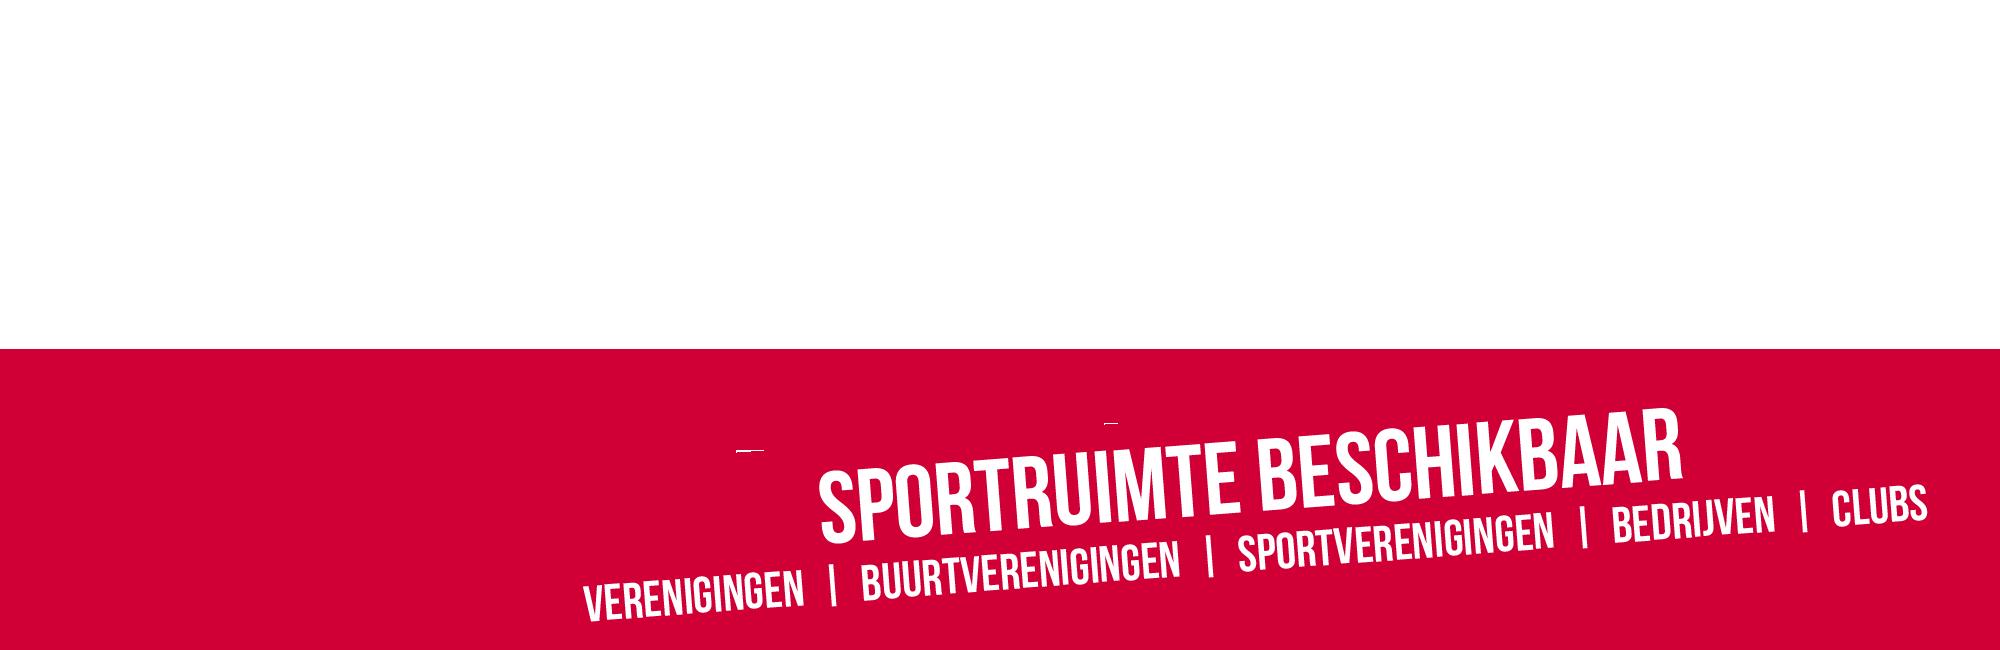 Sporthal beschikbaar